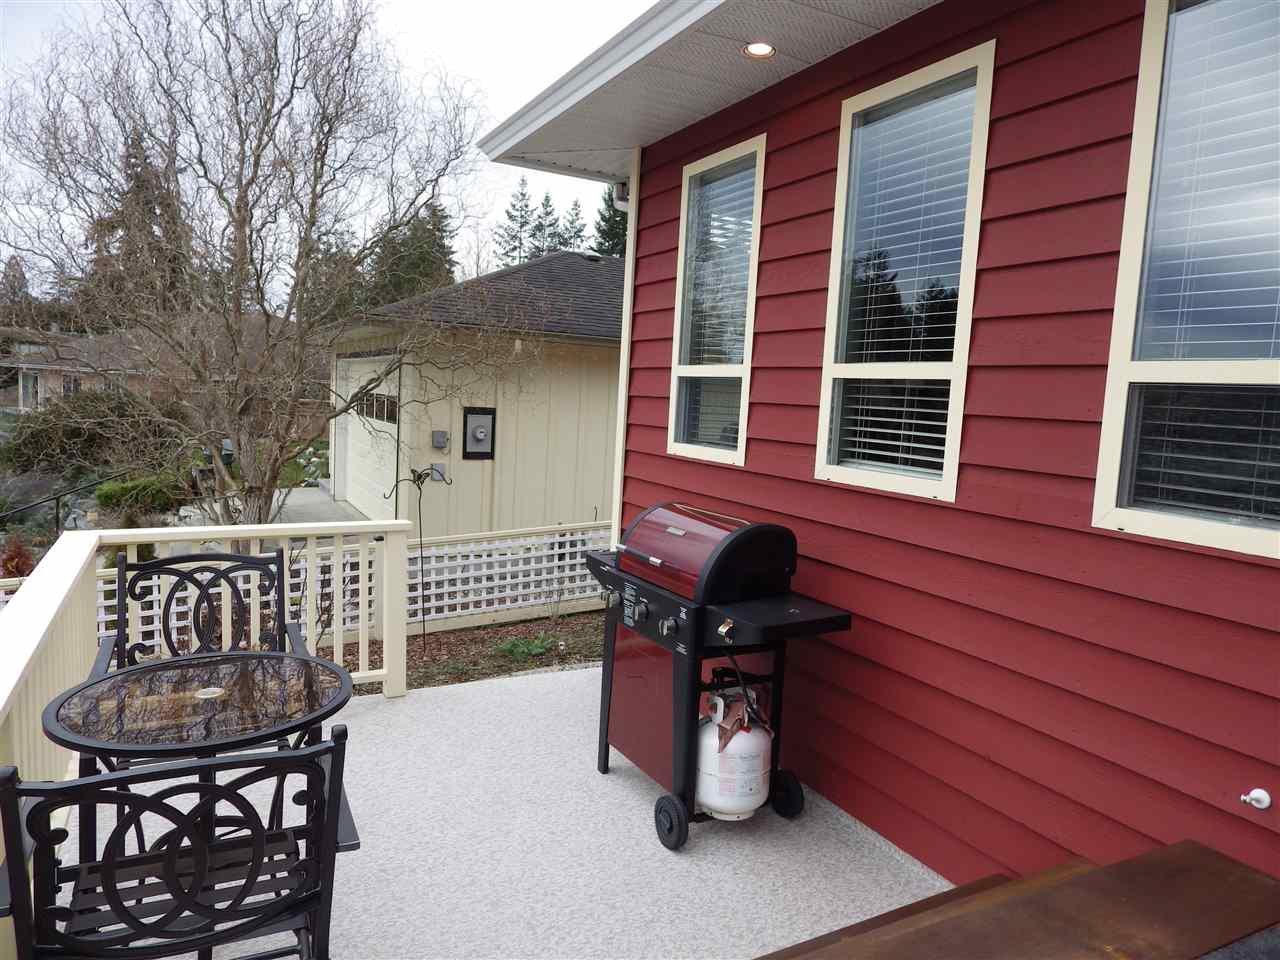 Photo 14: Photos: 5599 MEDUSA Place in Sechelt: Sechelt District House for sale (Sunshine Coast)  : MLS®# R2344394